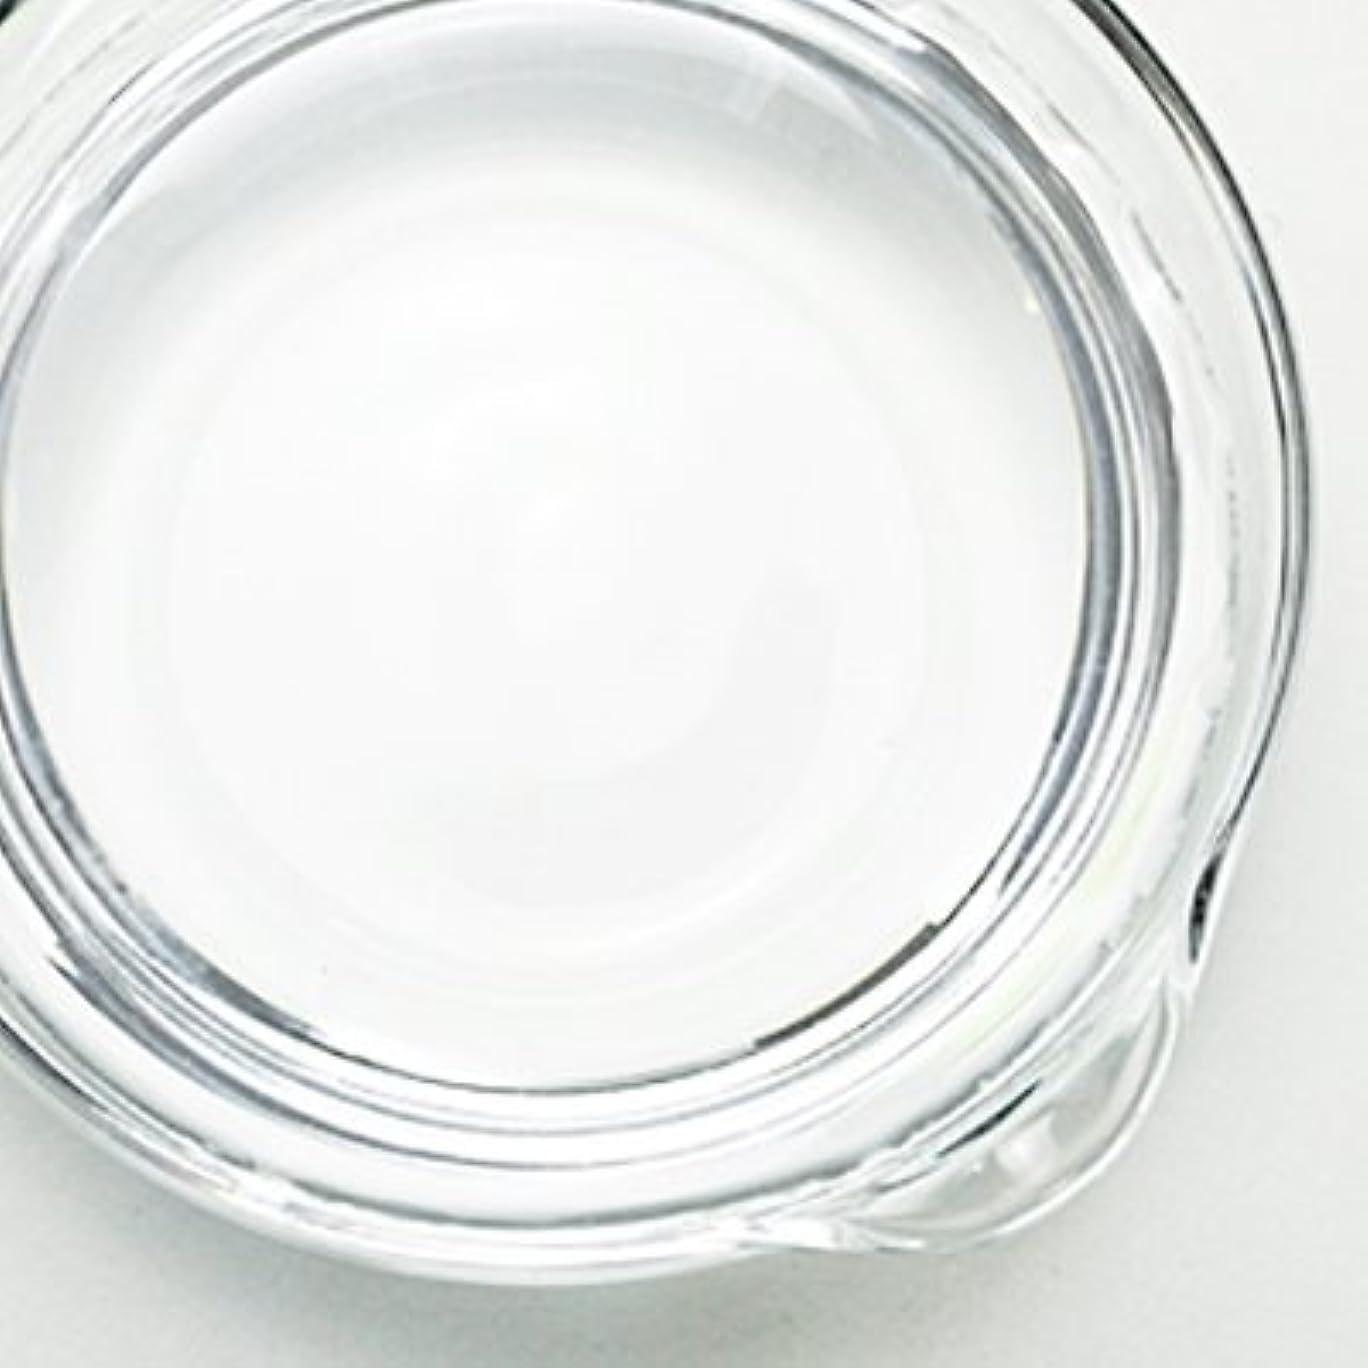 リビングルームパンツ改革1,3-ブチレングリコール[BG] 500ml 【手作り石鹸/手作りコスメ】